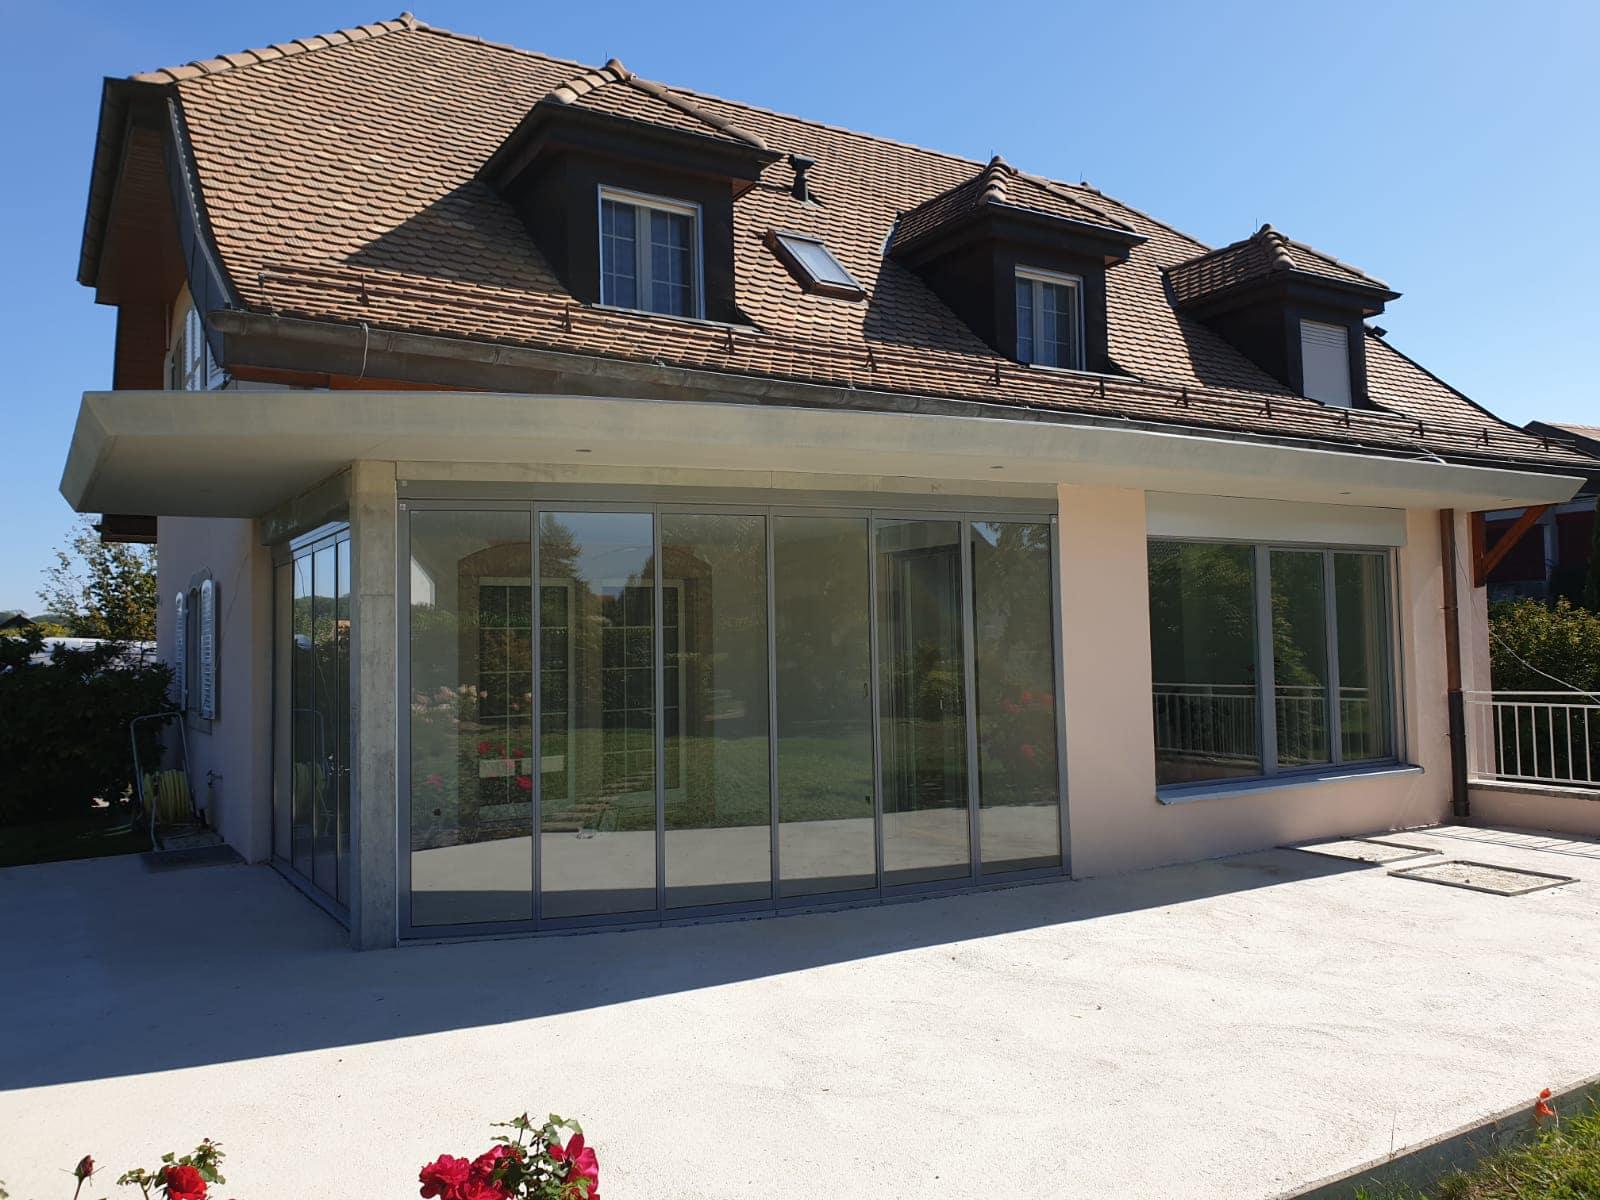 Schiebe-Dreh-Konstruktion als Terrassenverglasung